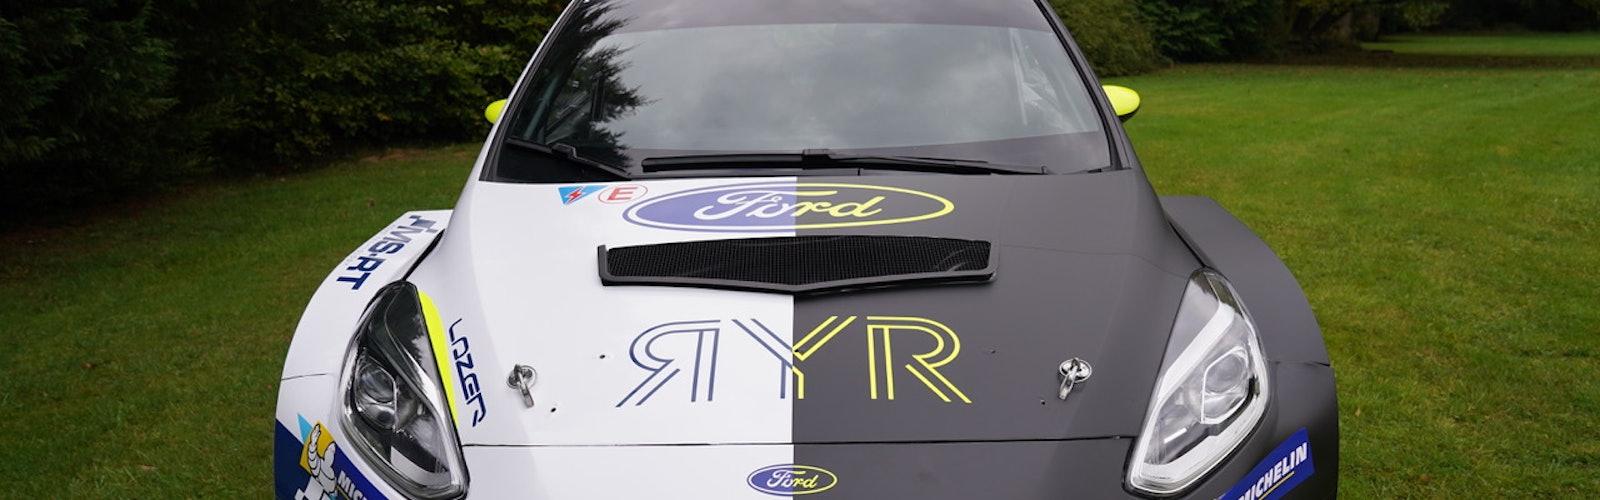 RY car